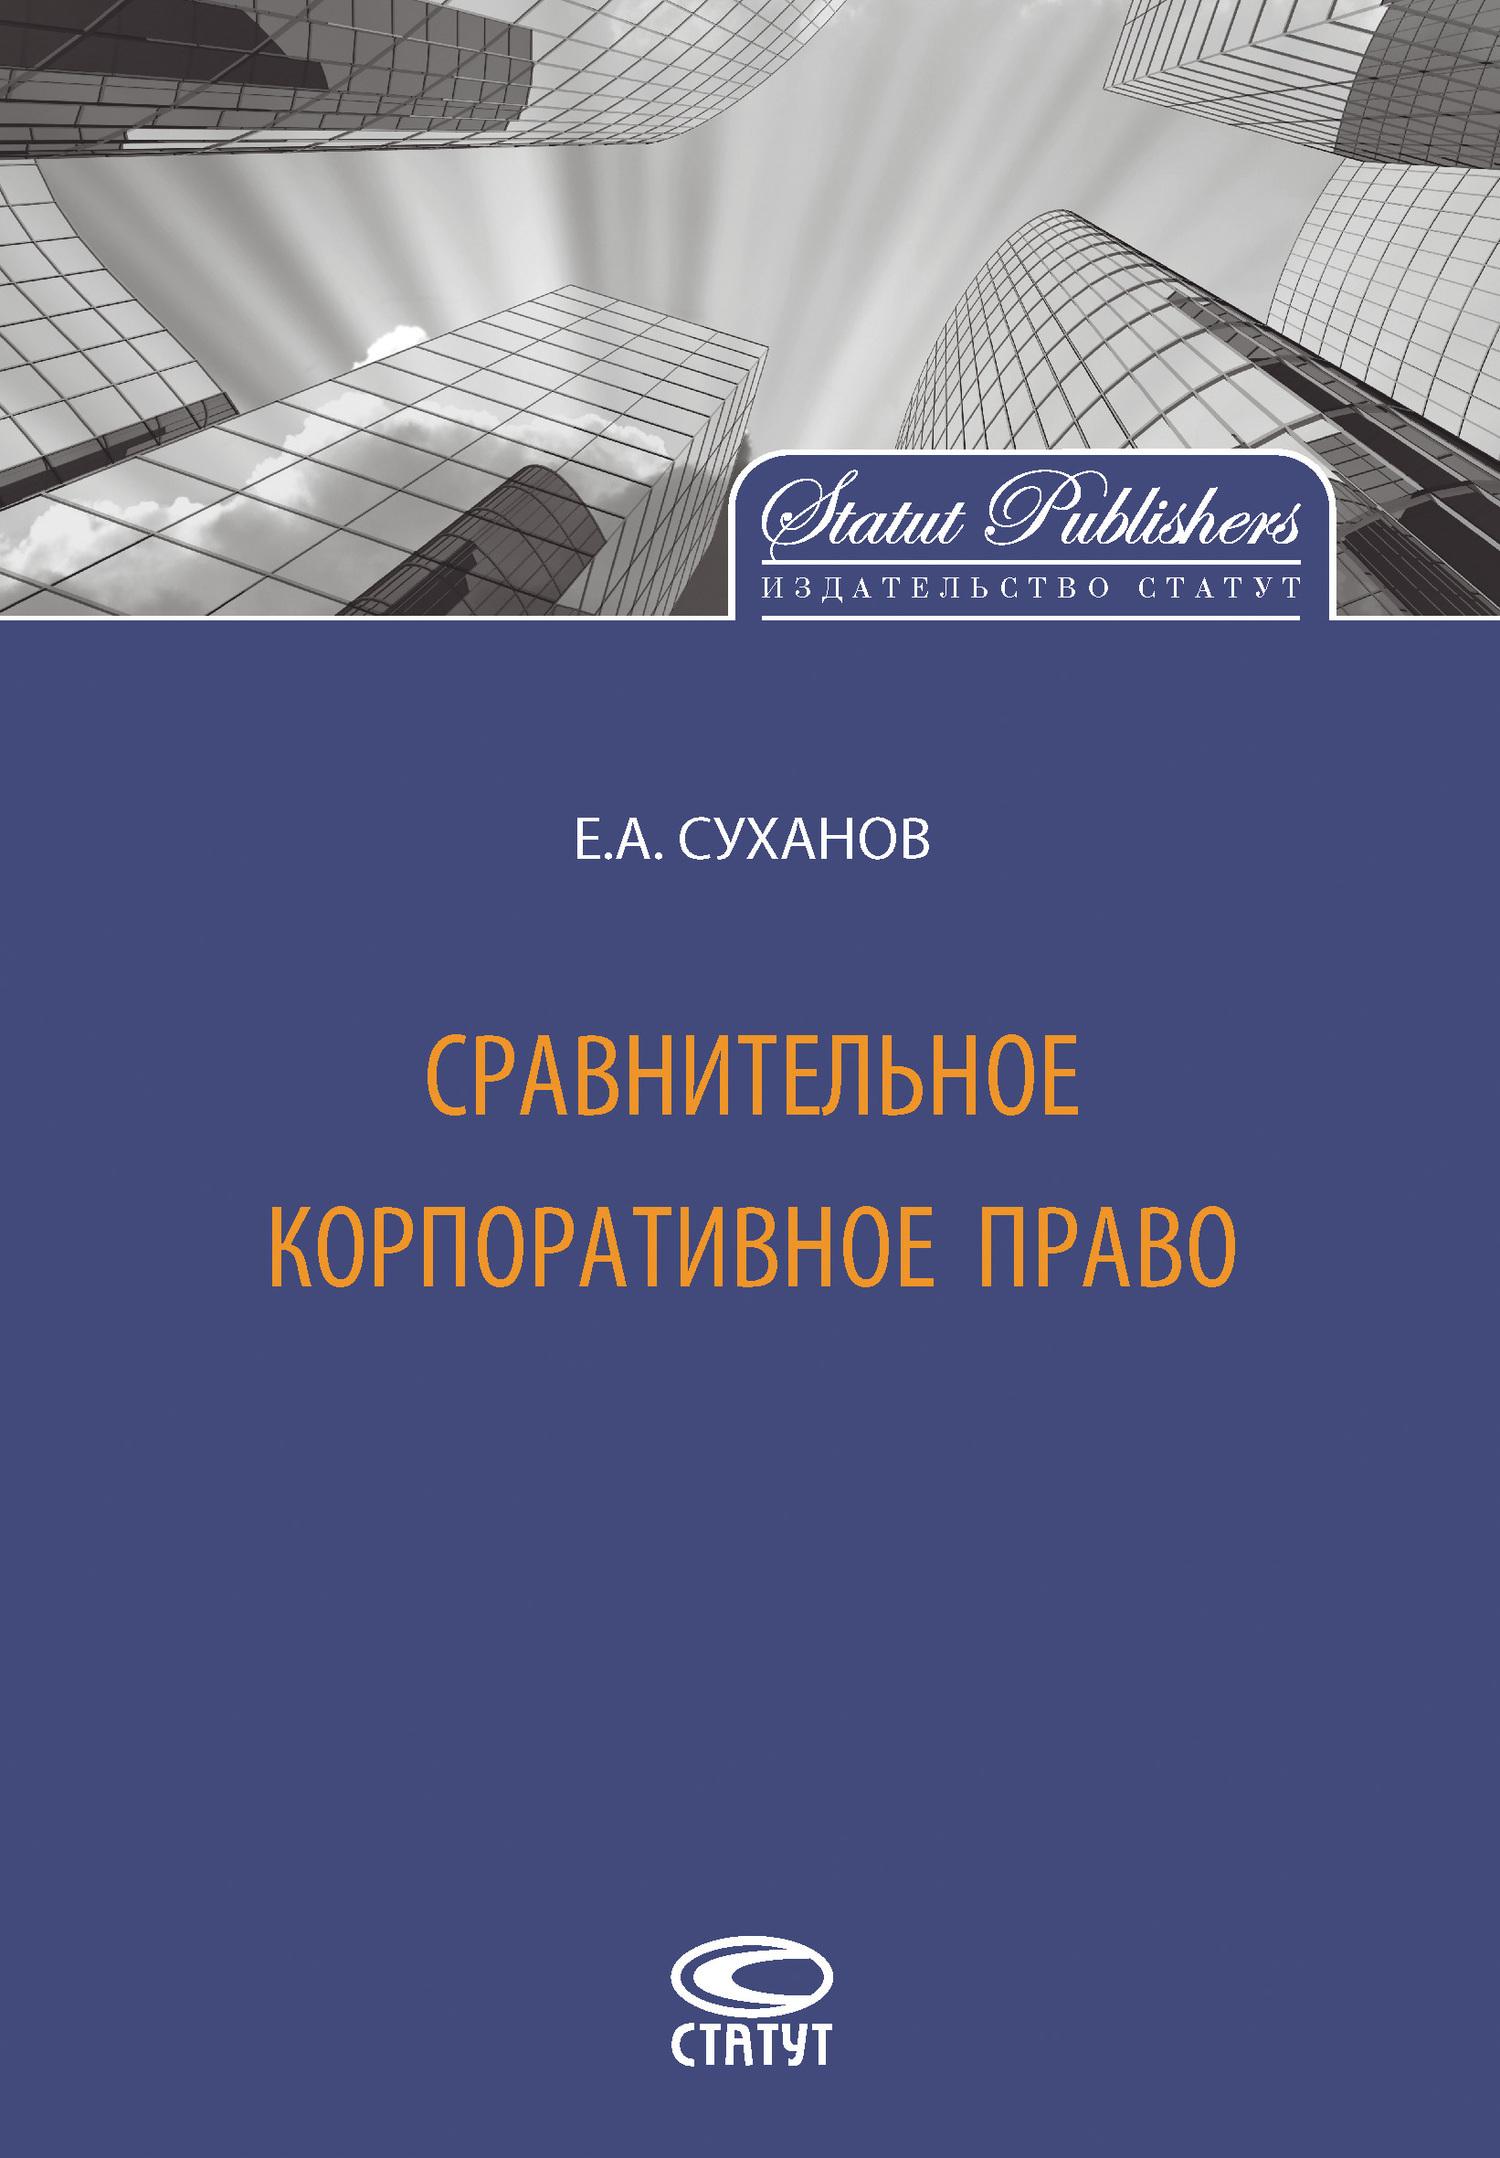 Сравнительное корпоративное право